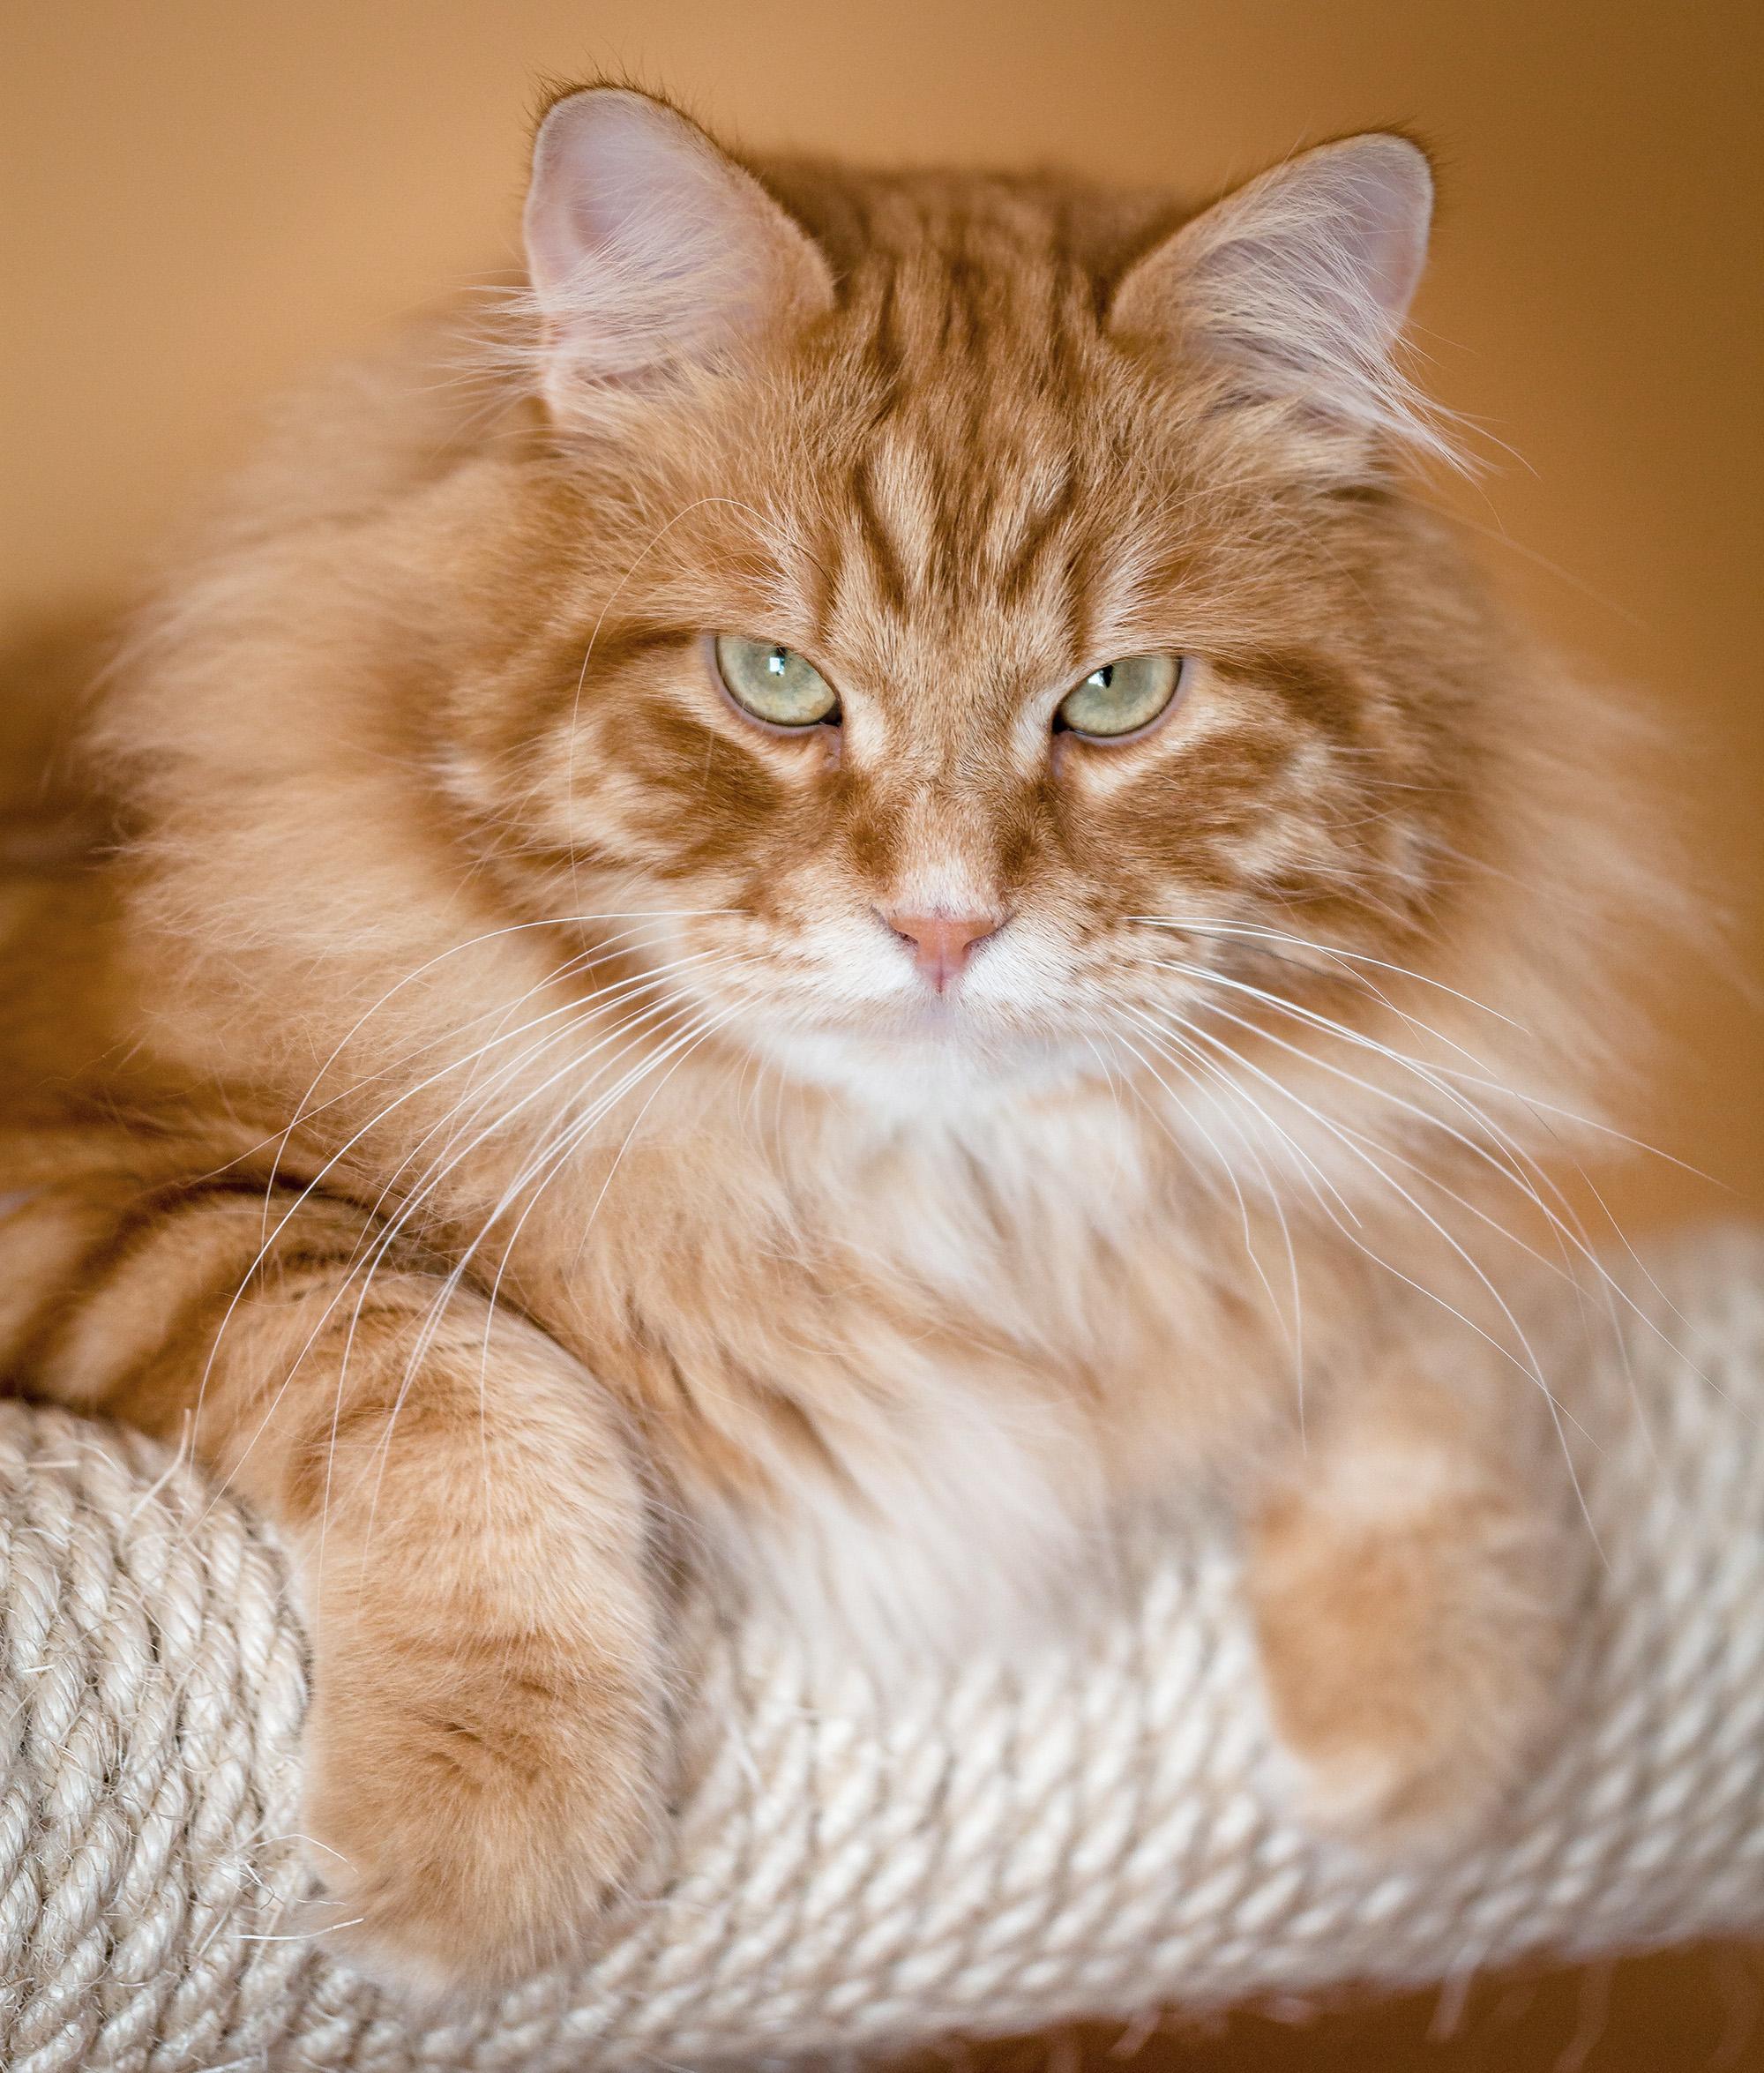 Mailo, the cat